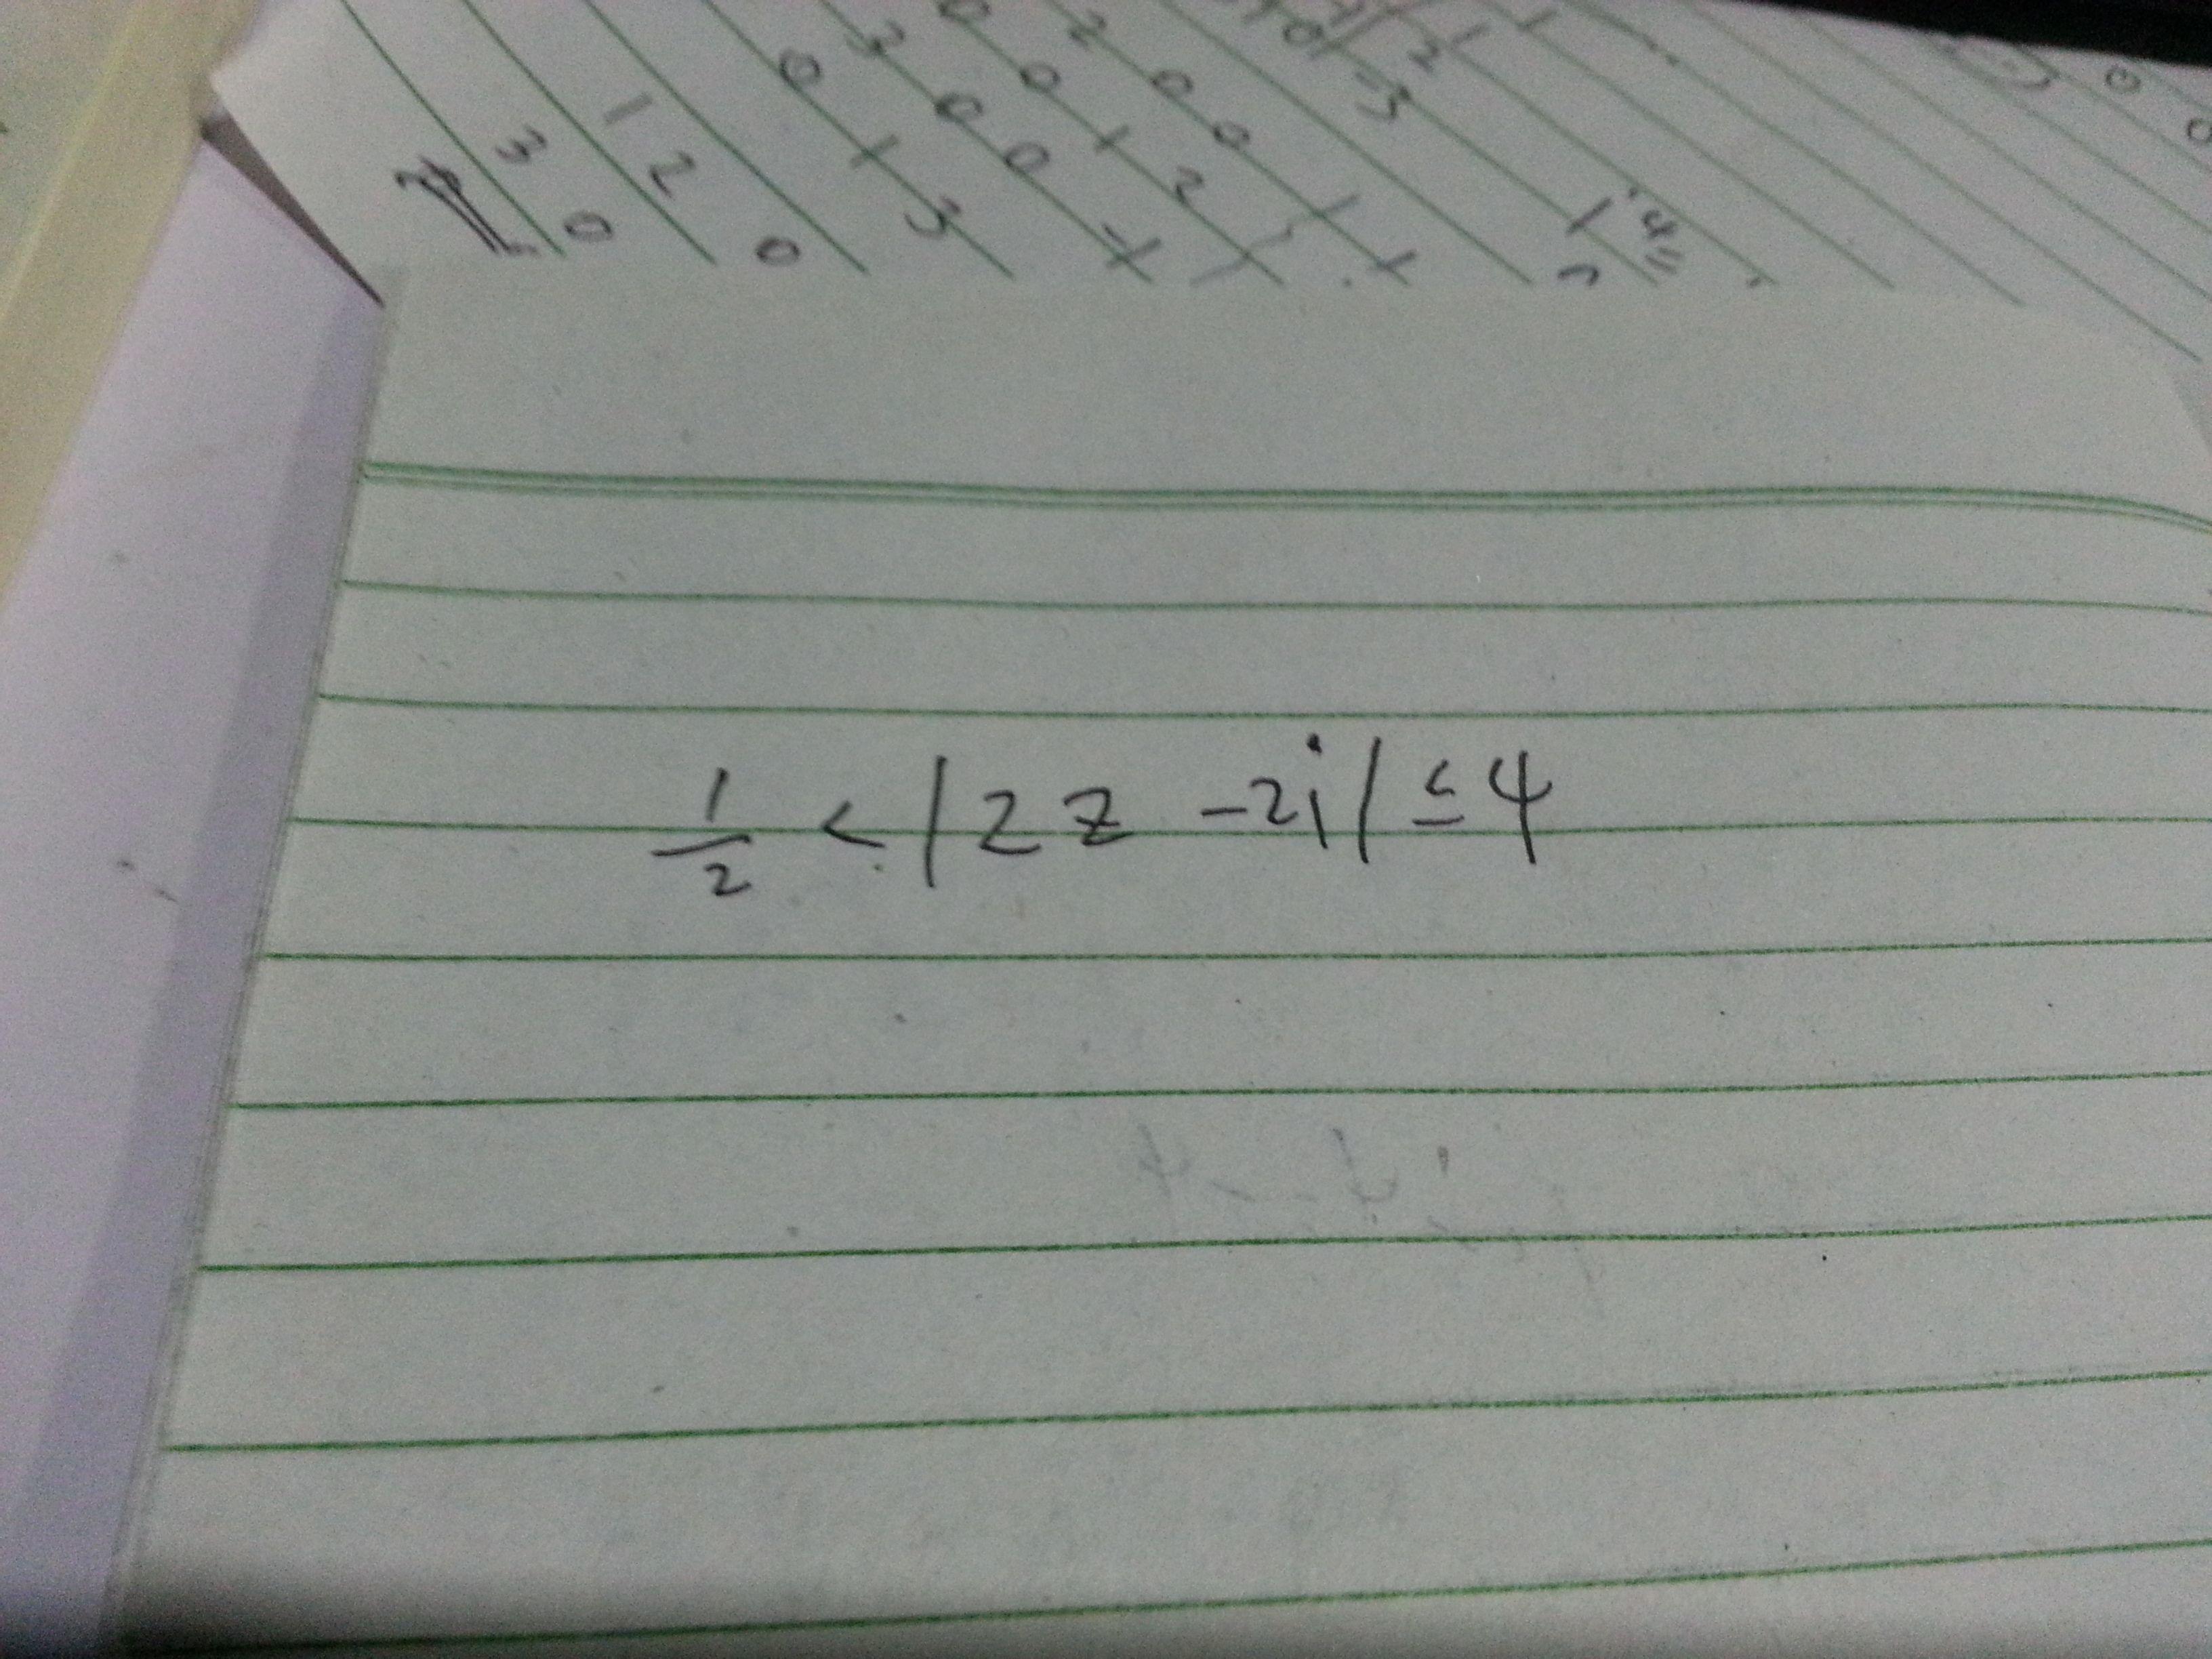 虚数单位_这个是怎么做的 其中i是复数单位 z是复数_百度知道